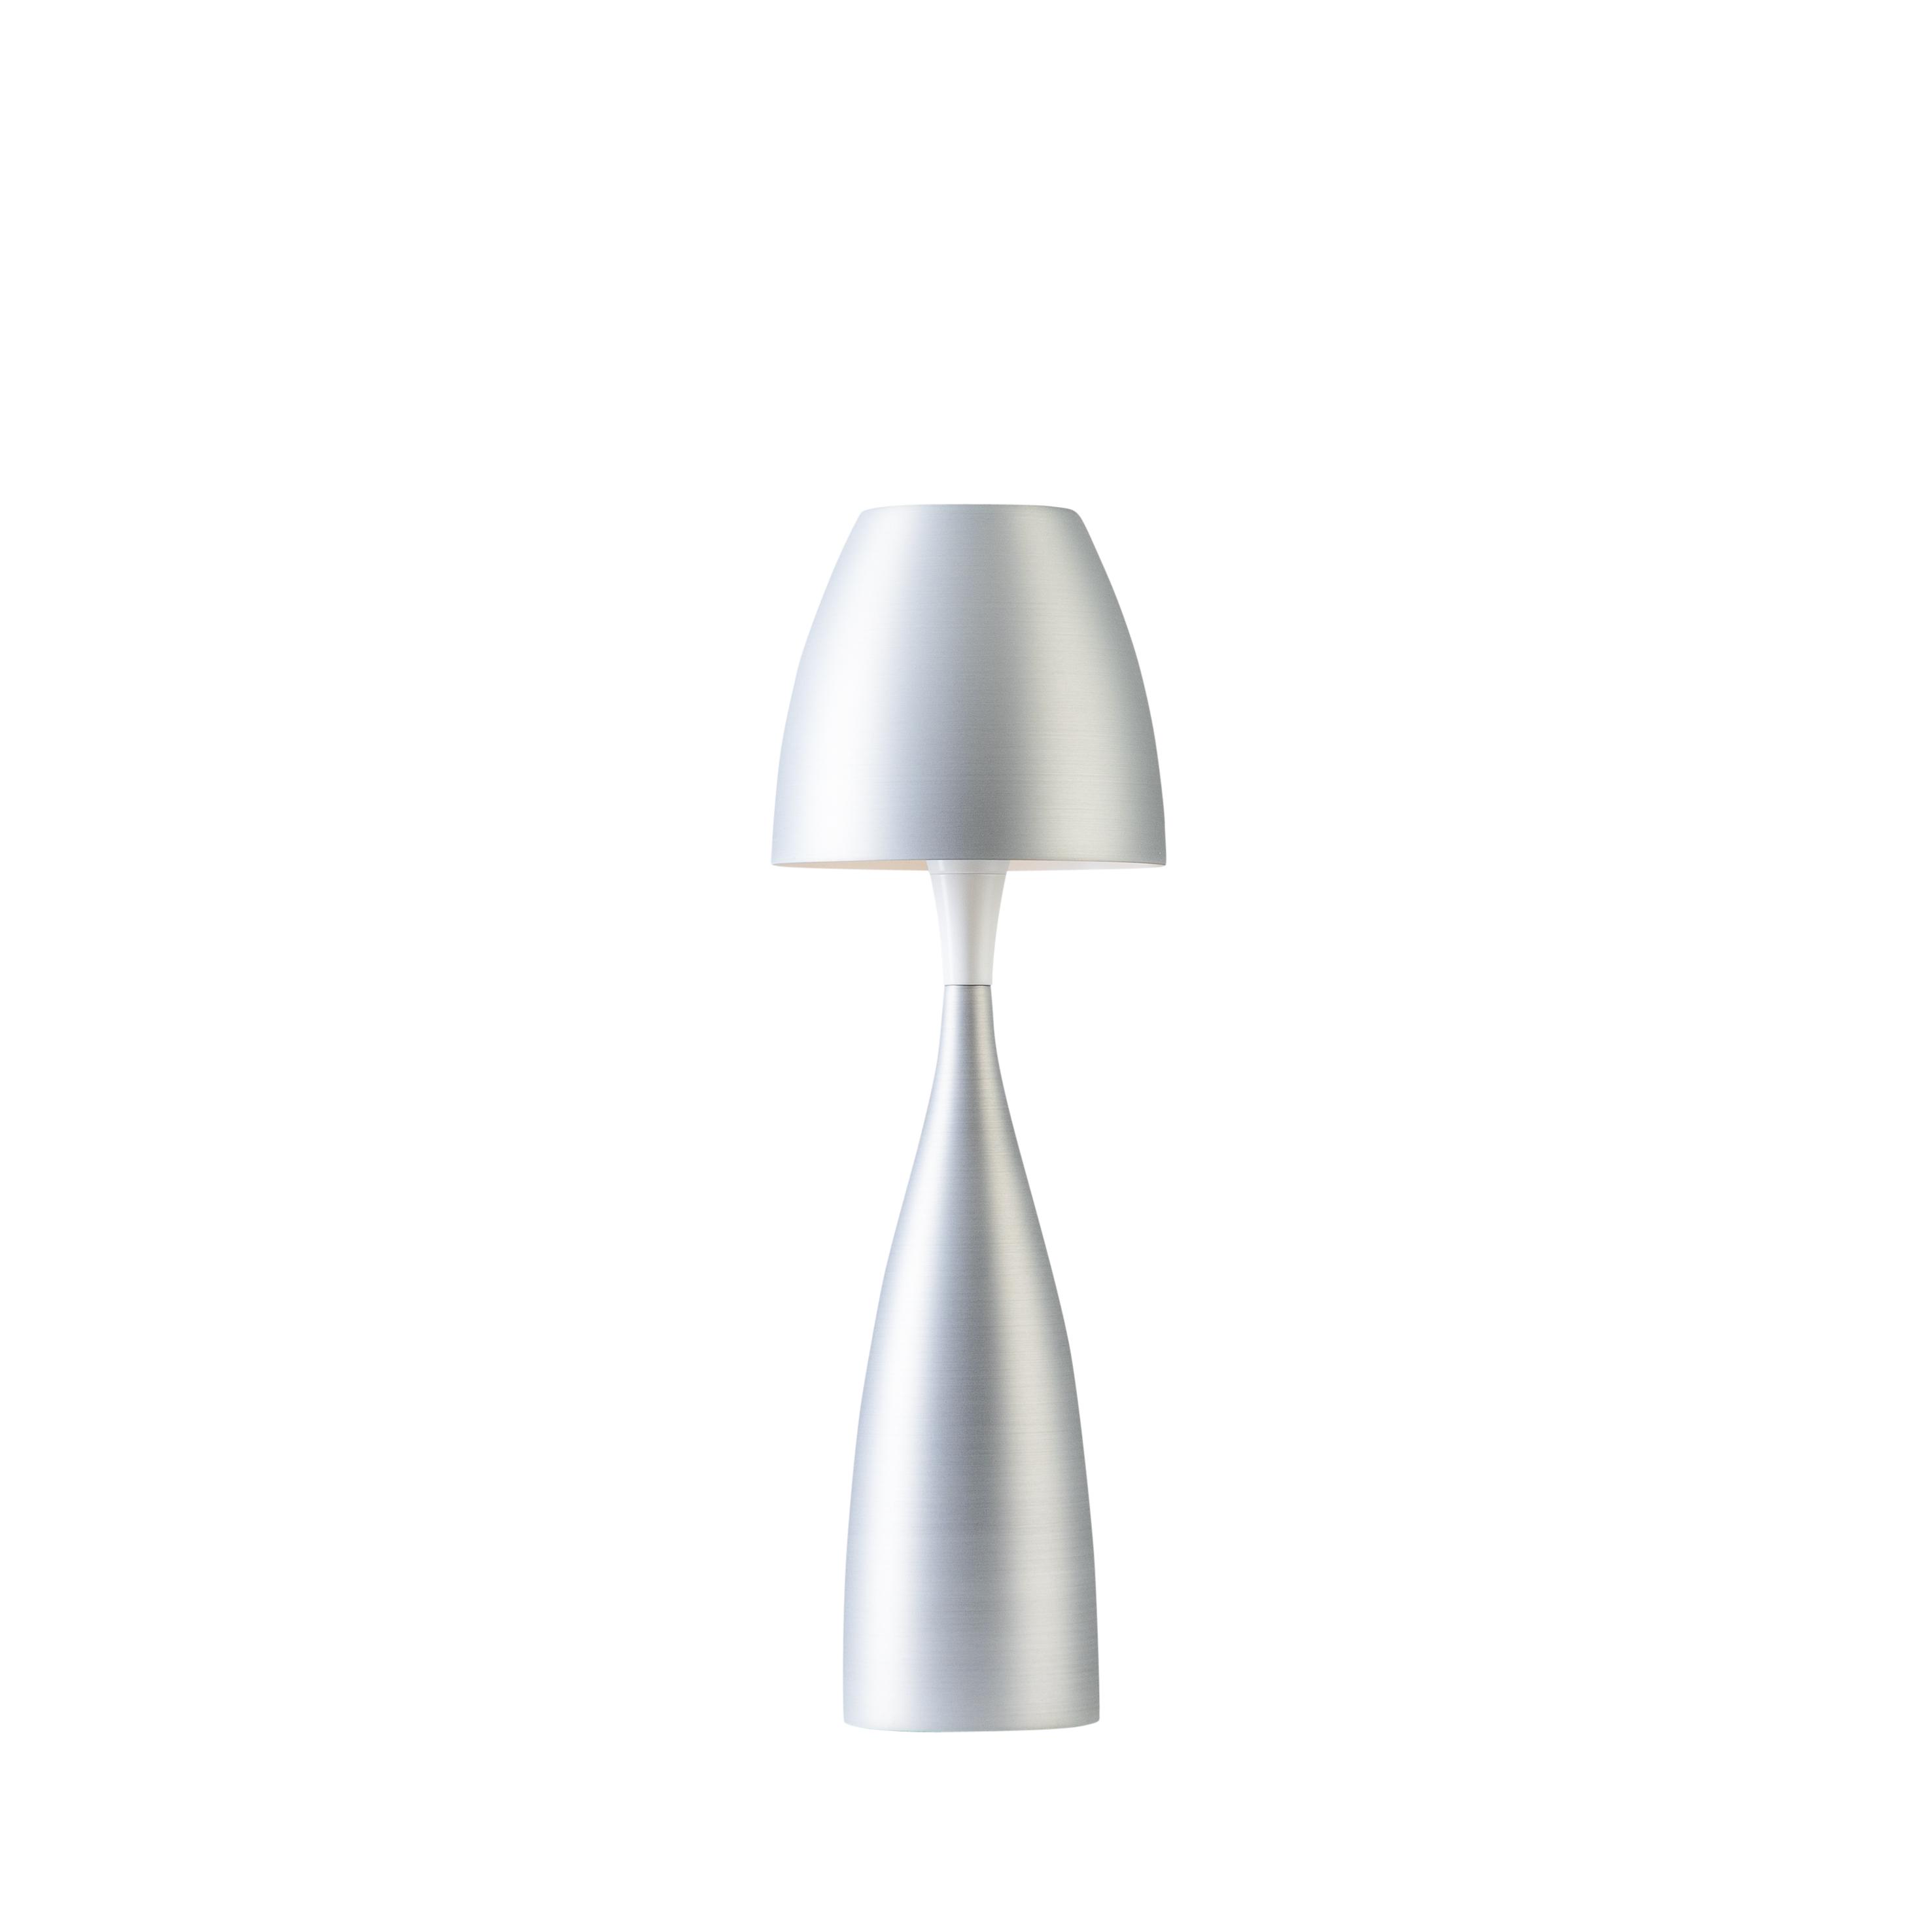 Belid Leuchten Artikel von Belid Leuchten Anemon Tischleuchte groß silber oxid 4105199